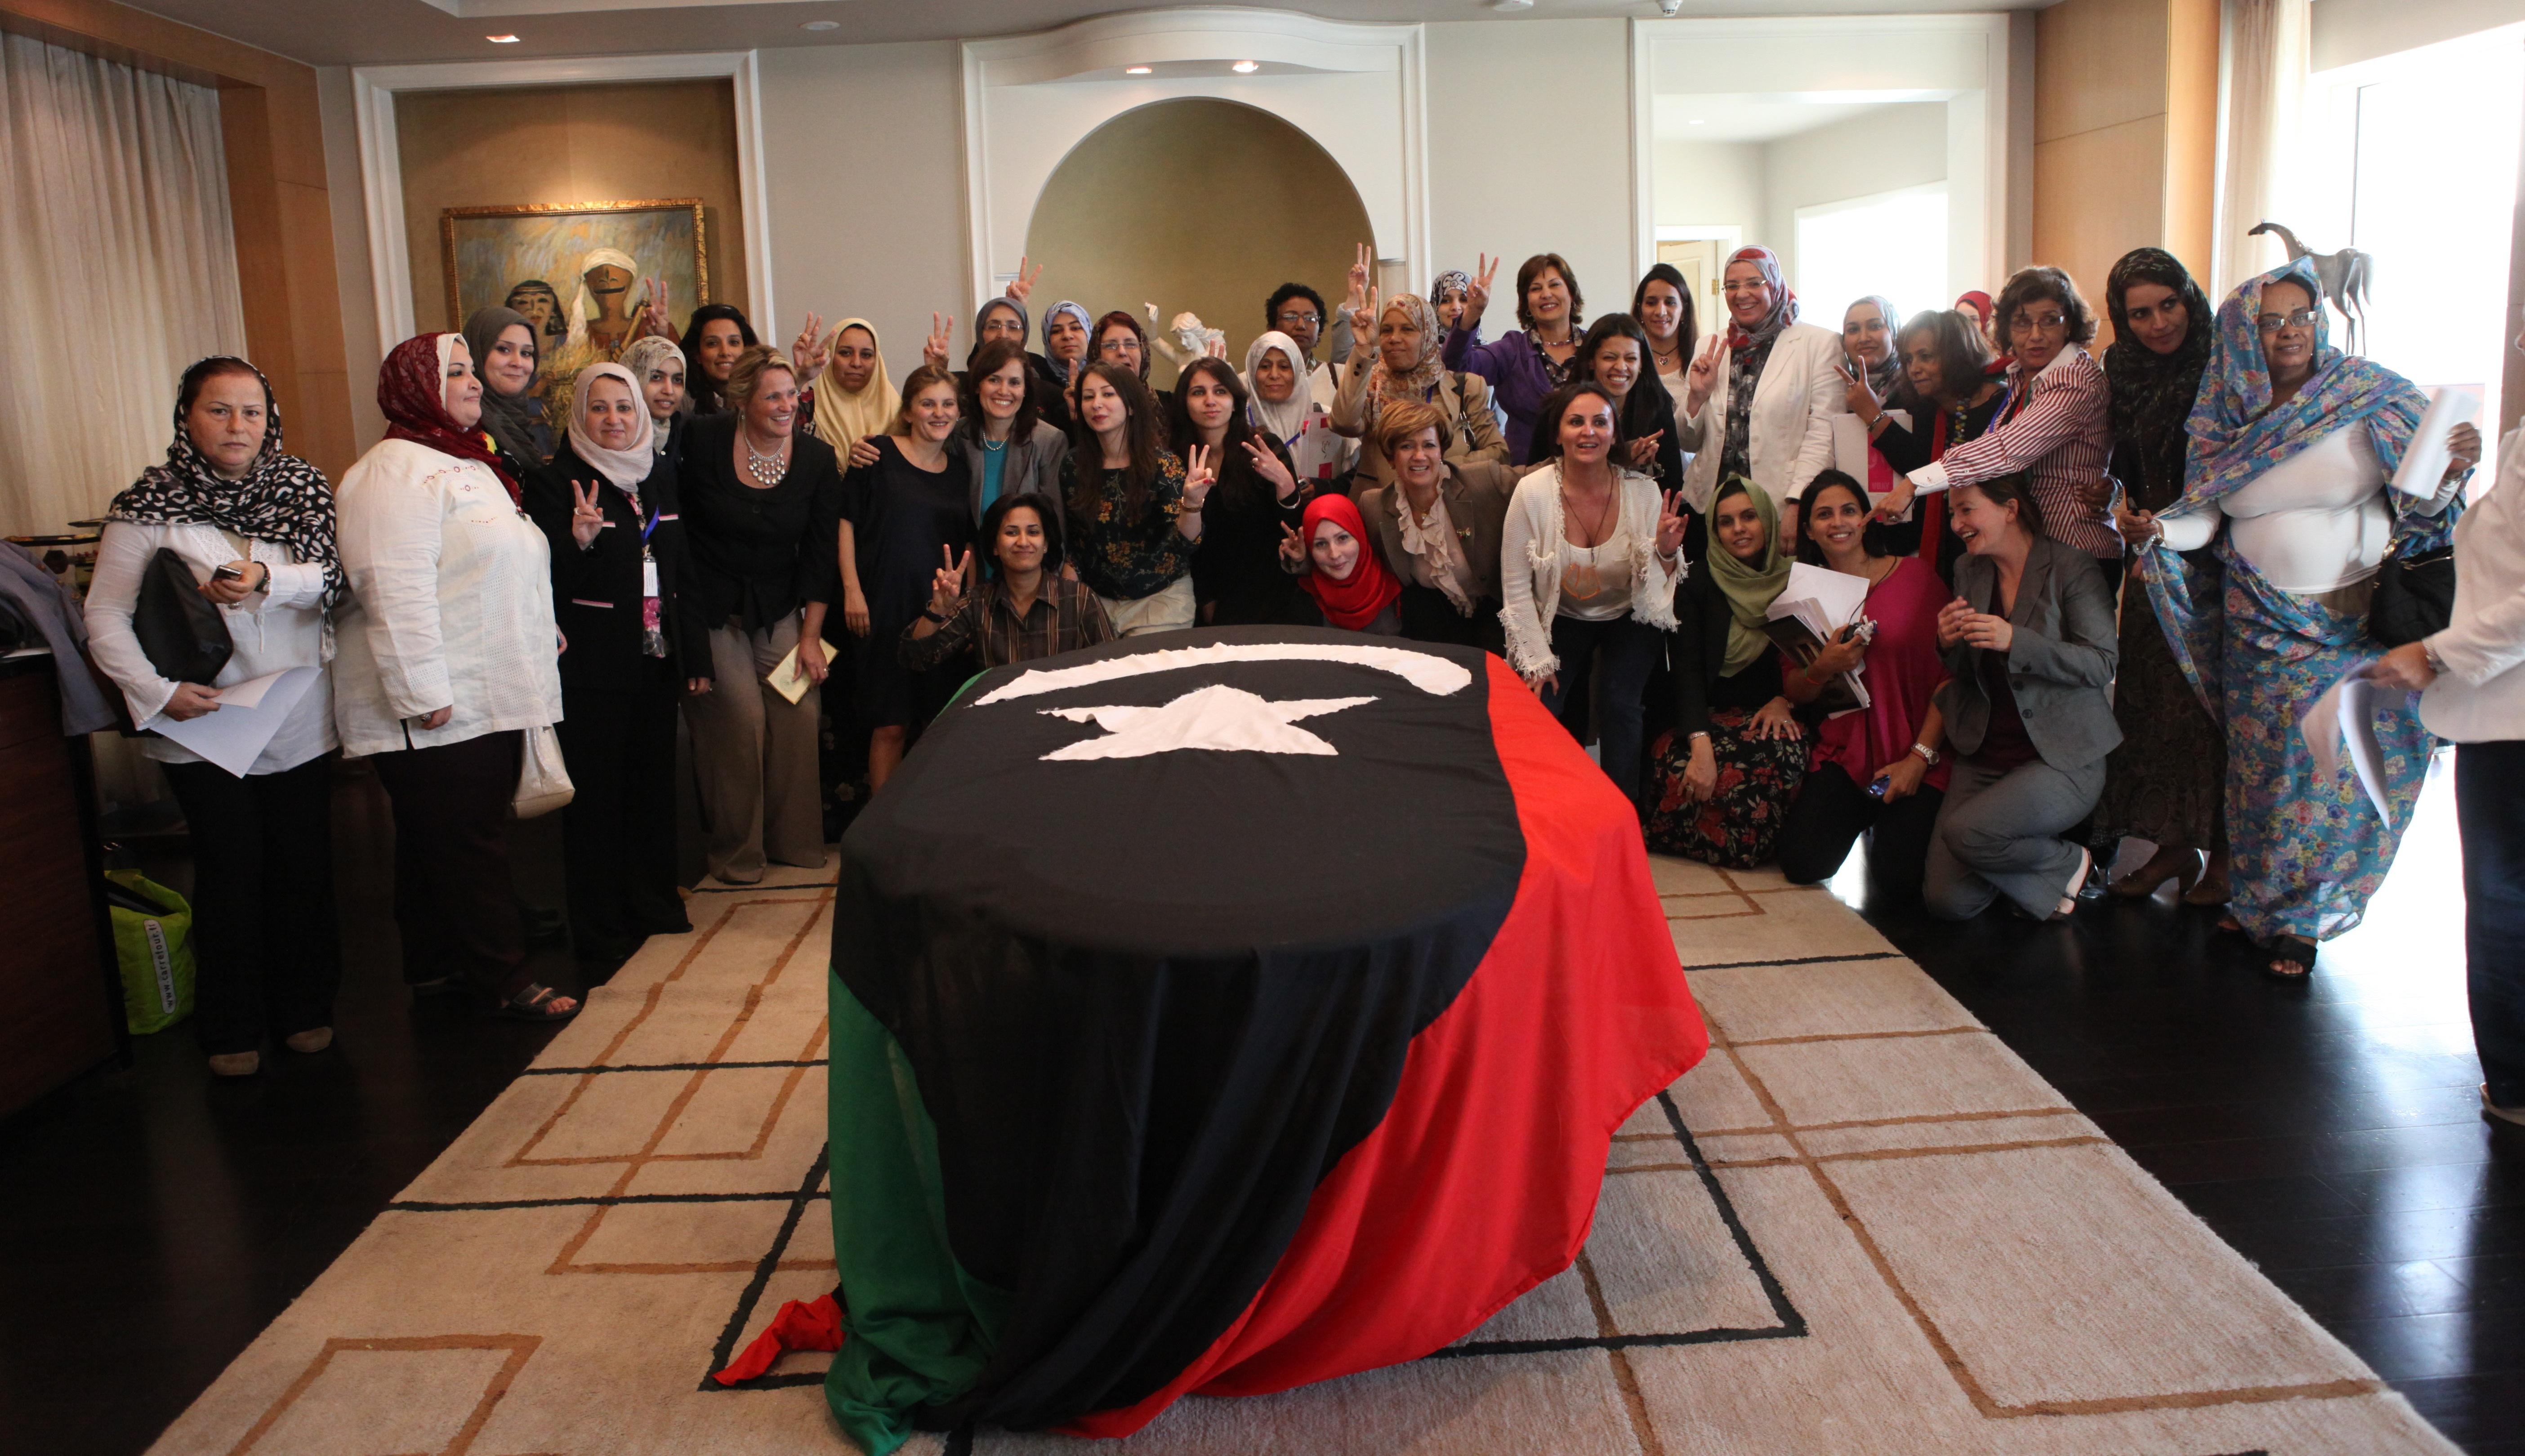 الحركات النسائية في بلدان الربيع العربي: الثورات العربية نقطة تحول في مسار الحركة الحقوقية النسوية